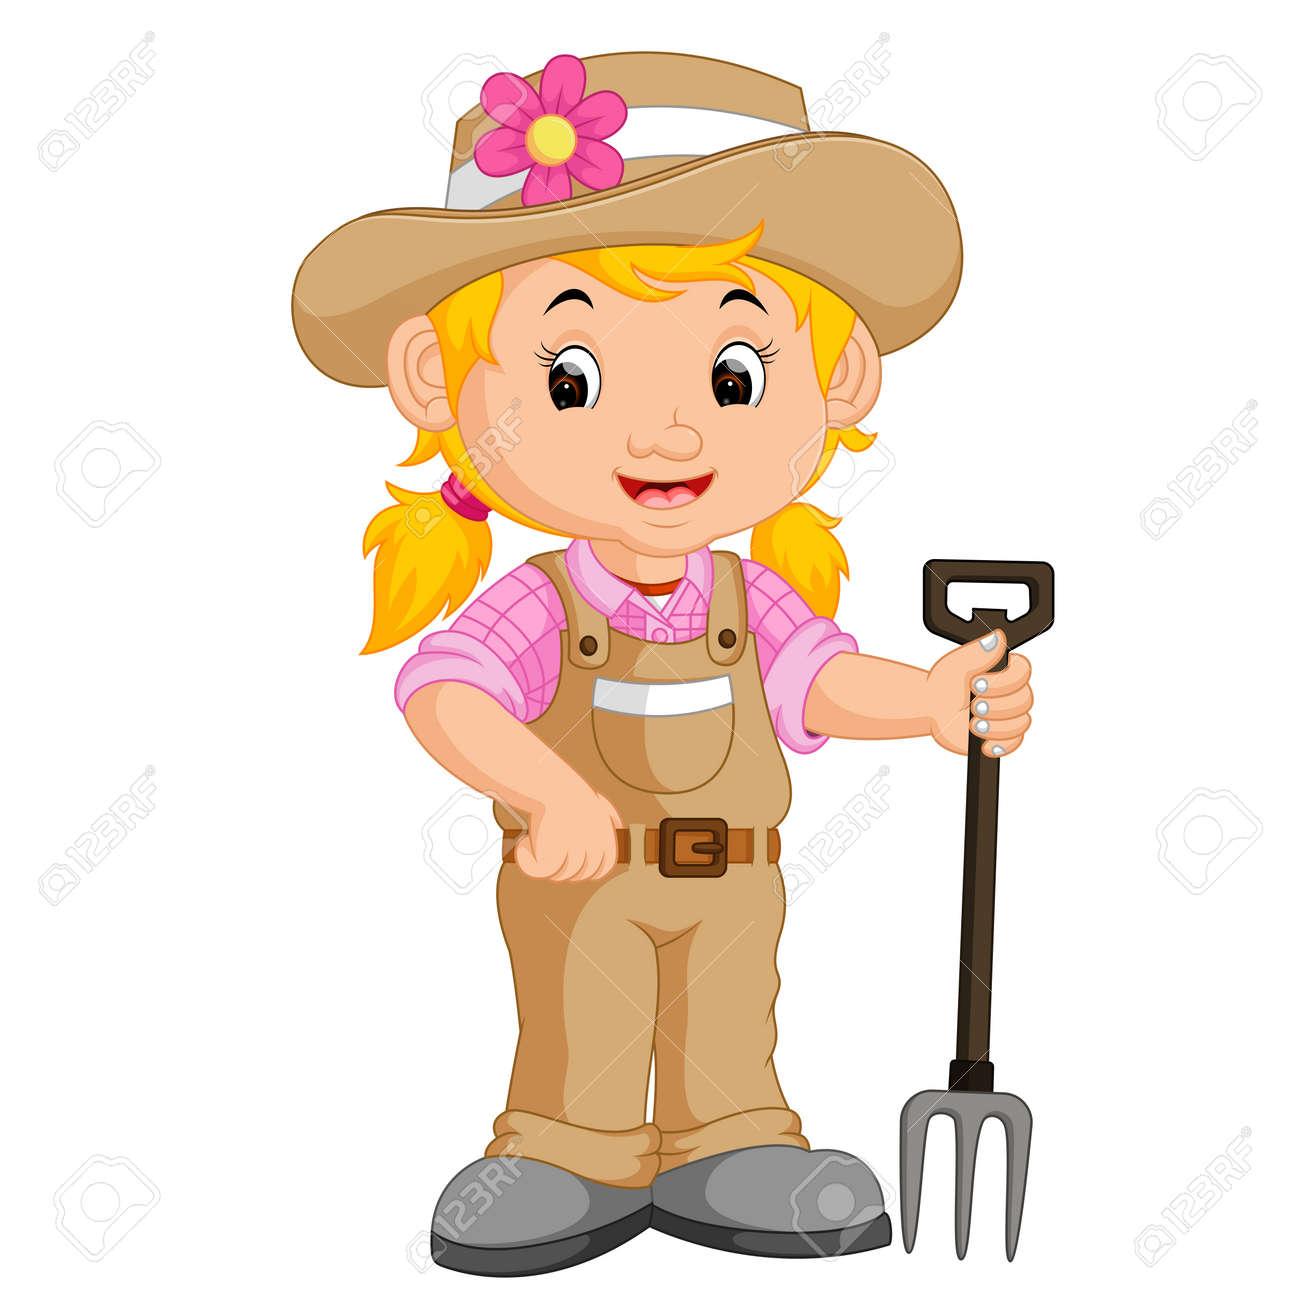 girl farmer cartoon - 73599708